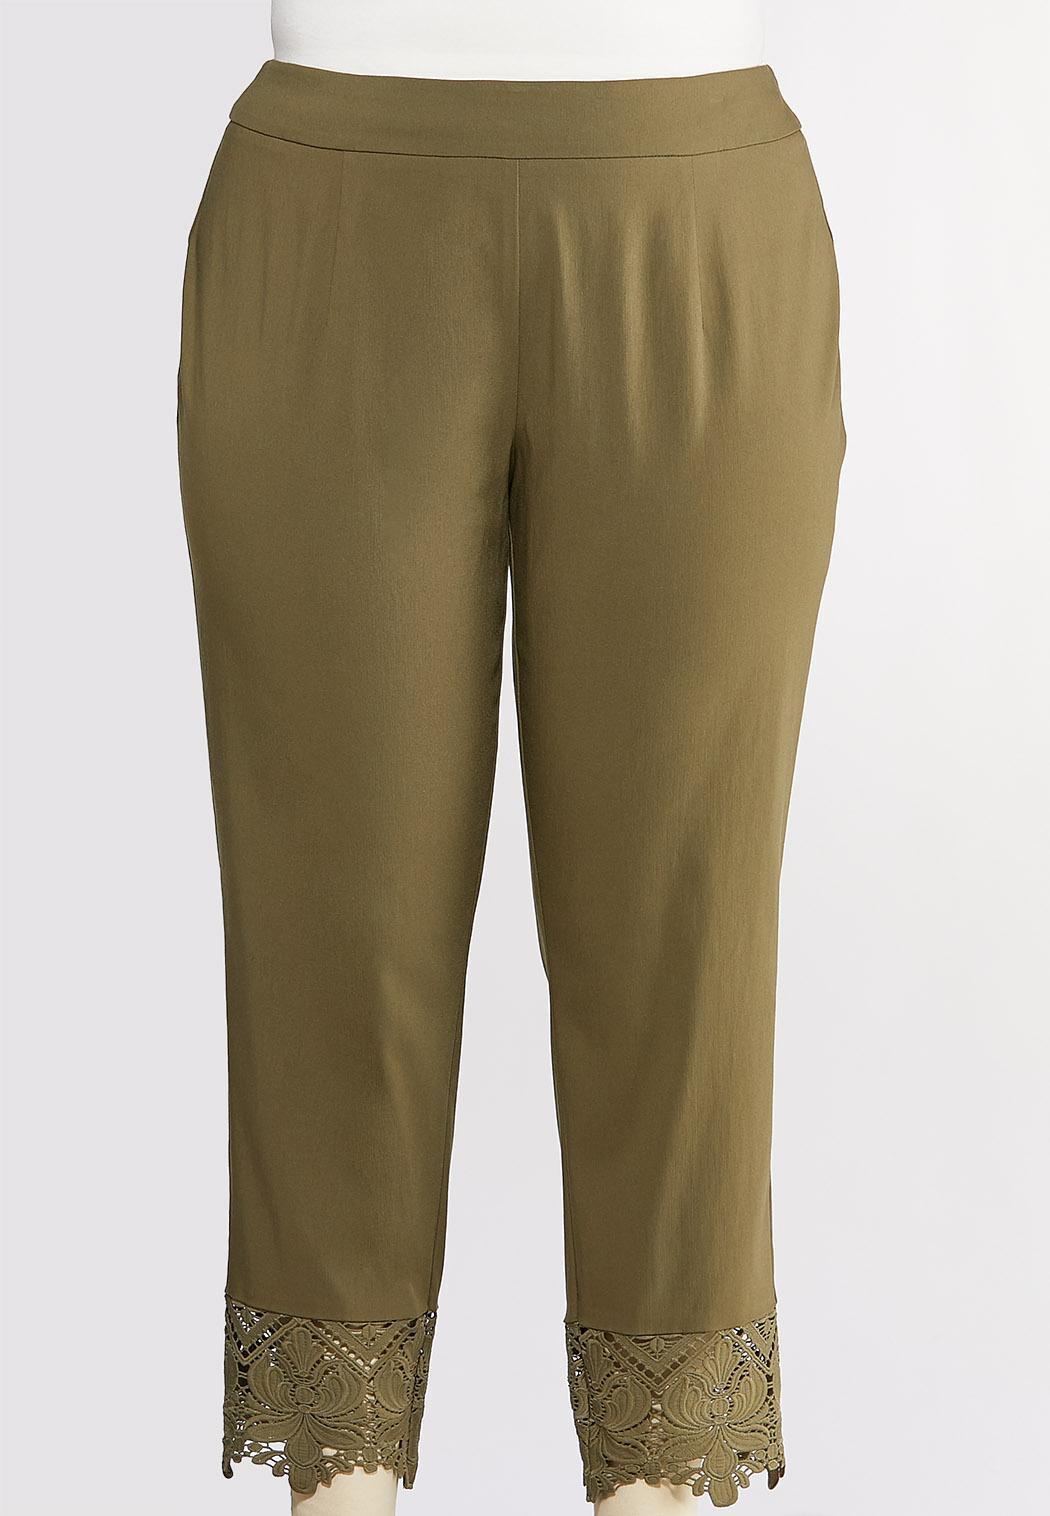 b4f4d9942a Women's Plus Size Pants